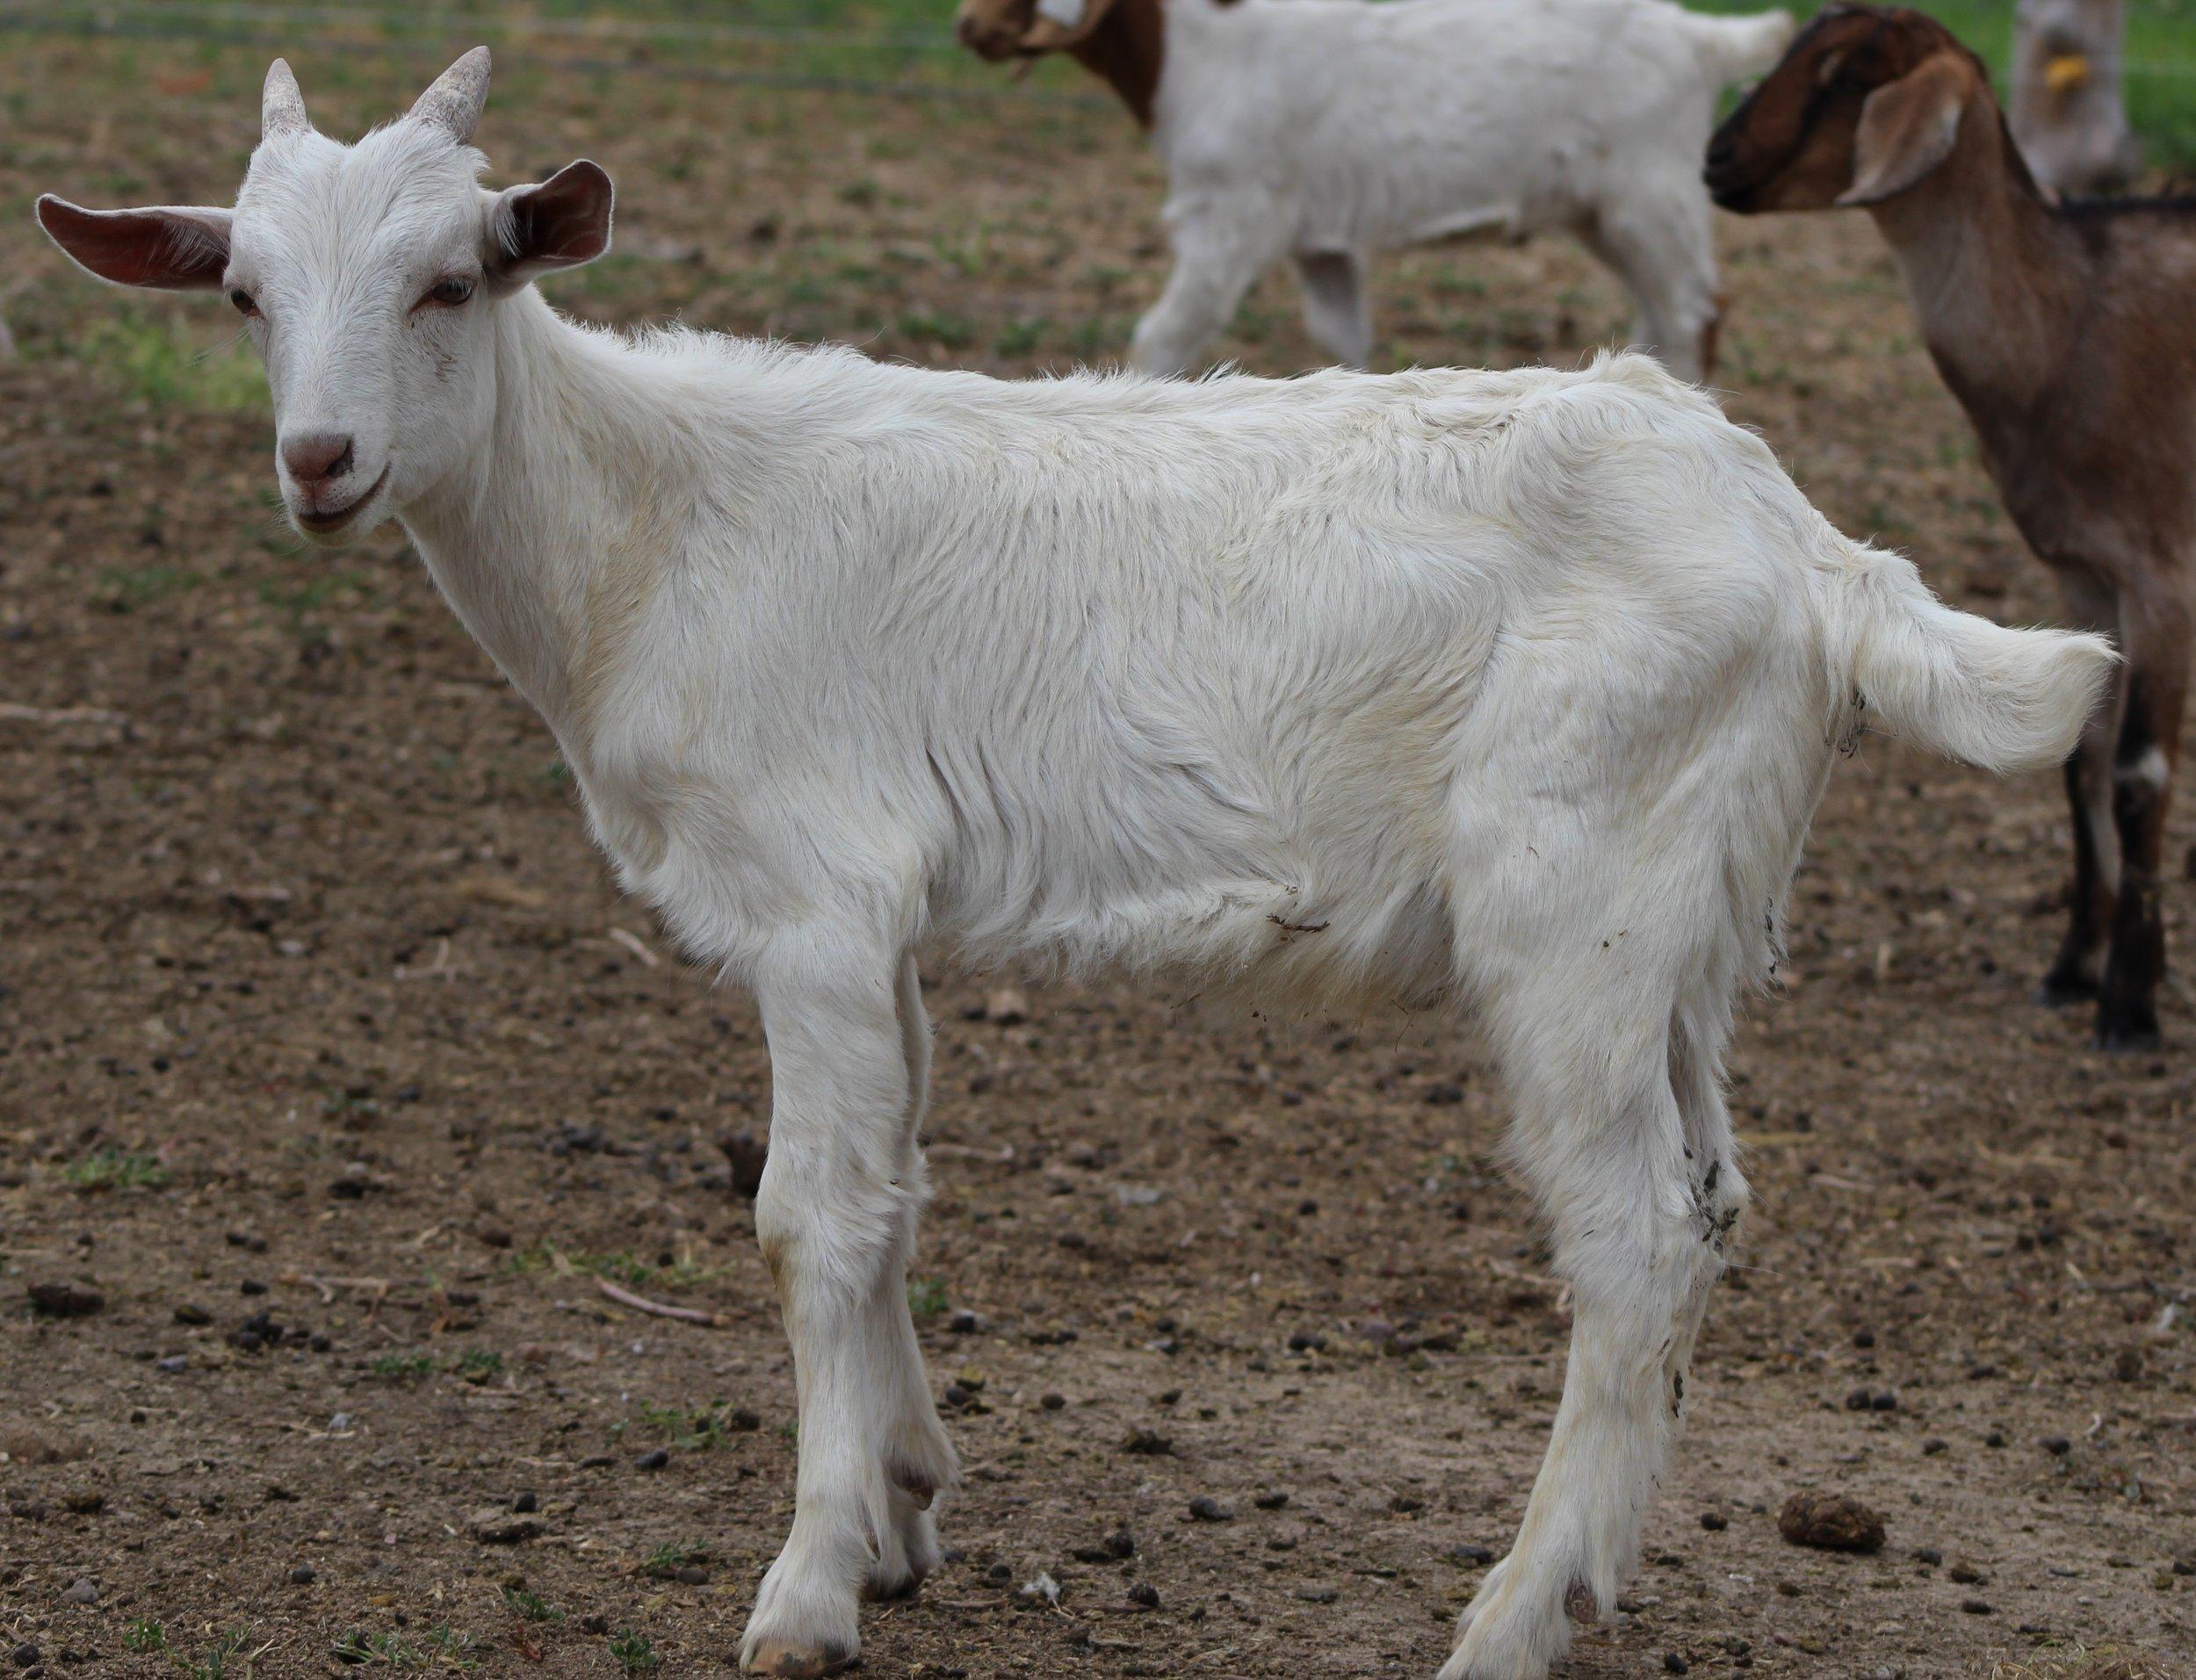 1/2 Kiko X 1/4 Sannen X 1/4 Alpine  Dam:  Sire: GOT Rusty  Date of Birth:  Twin  Birth Weight:  Weaning Weight:  ADG:  CAE, Cl, Johannes clean herd.